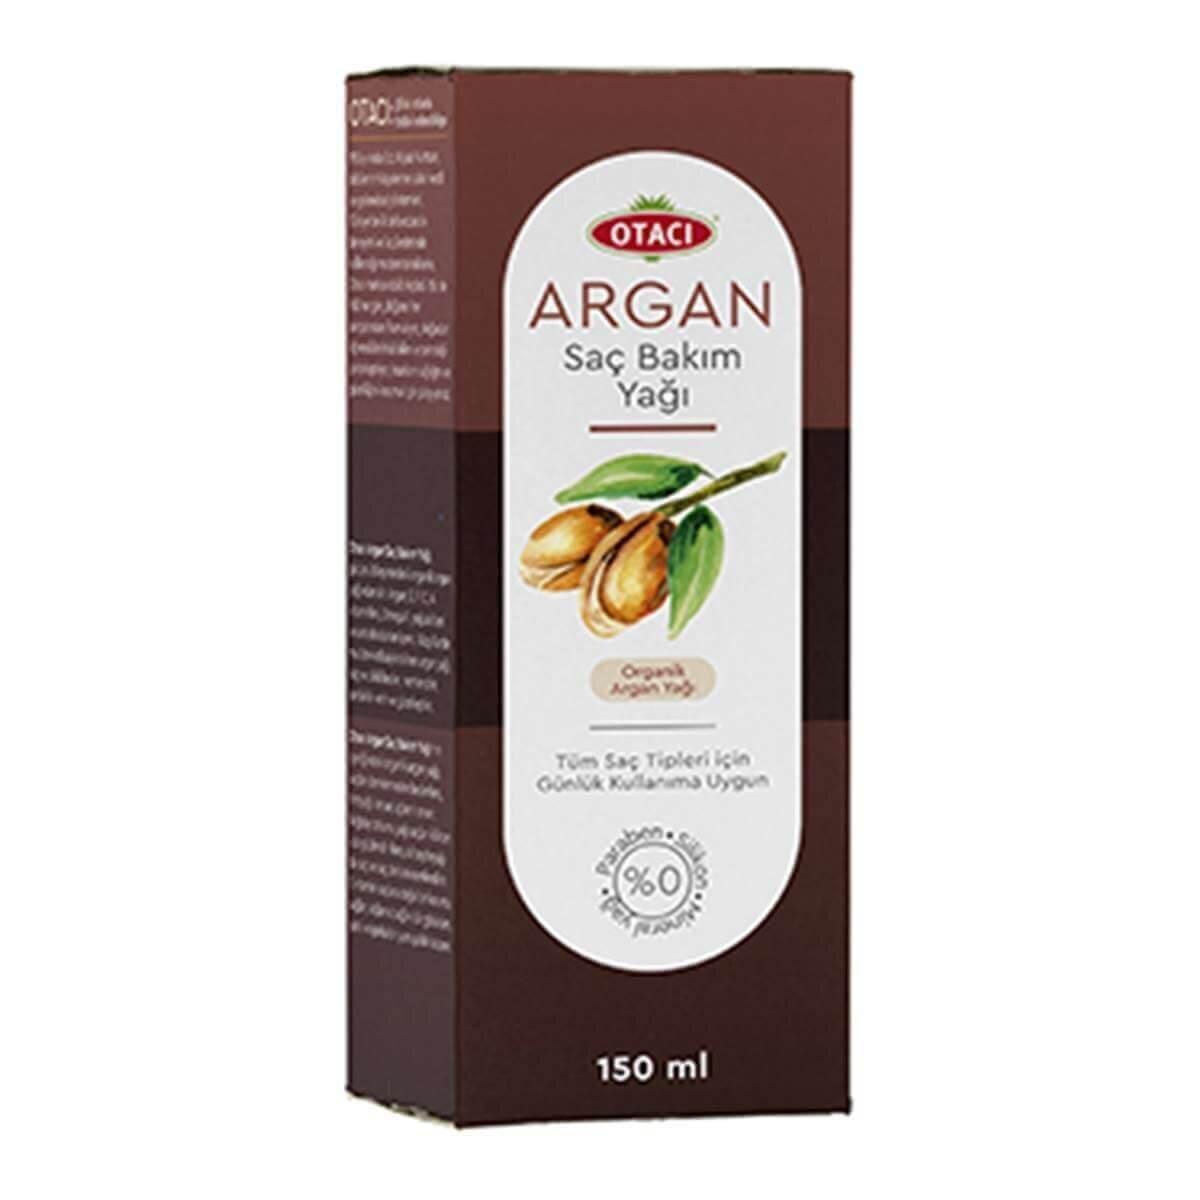 Argan Saç Bakım Yağı 150 ml